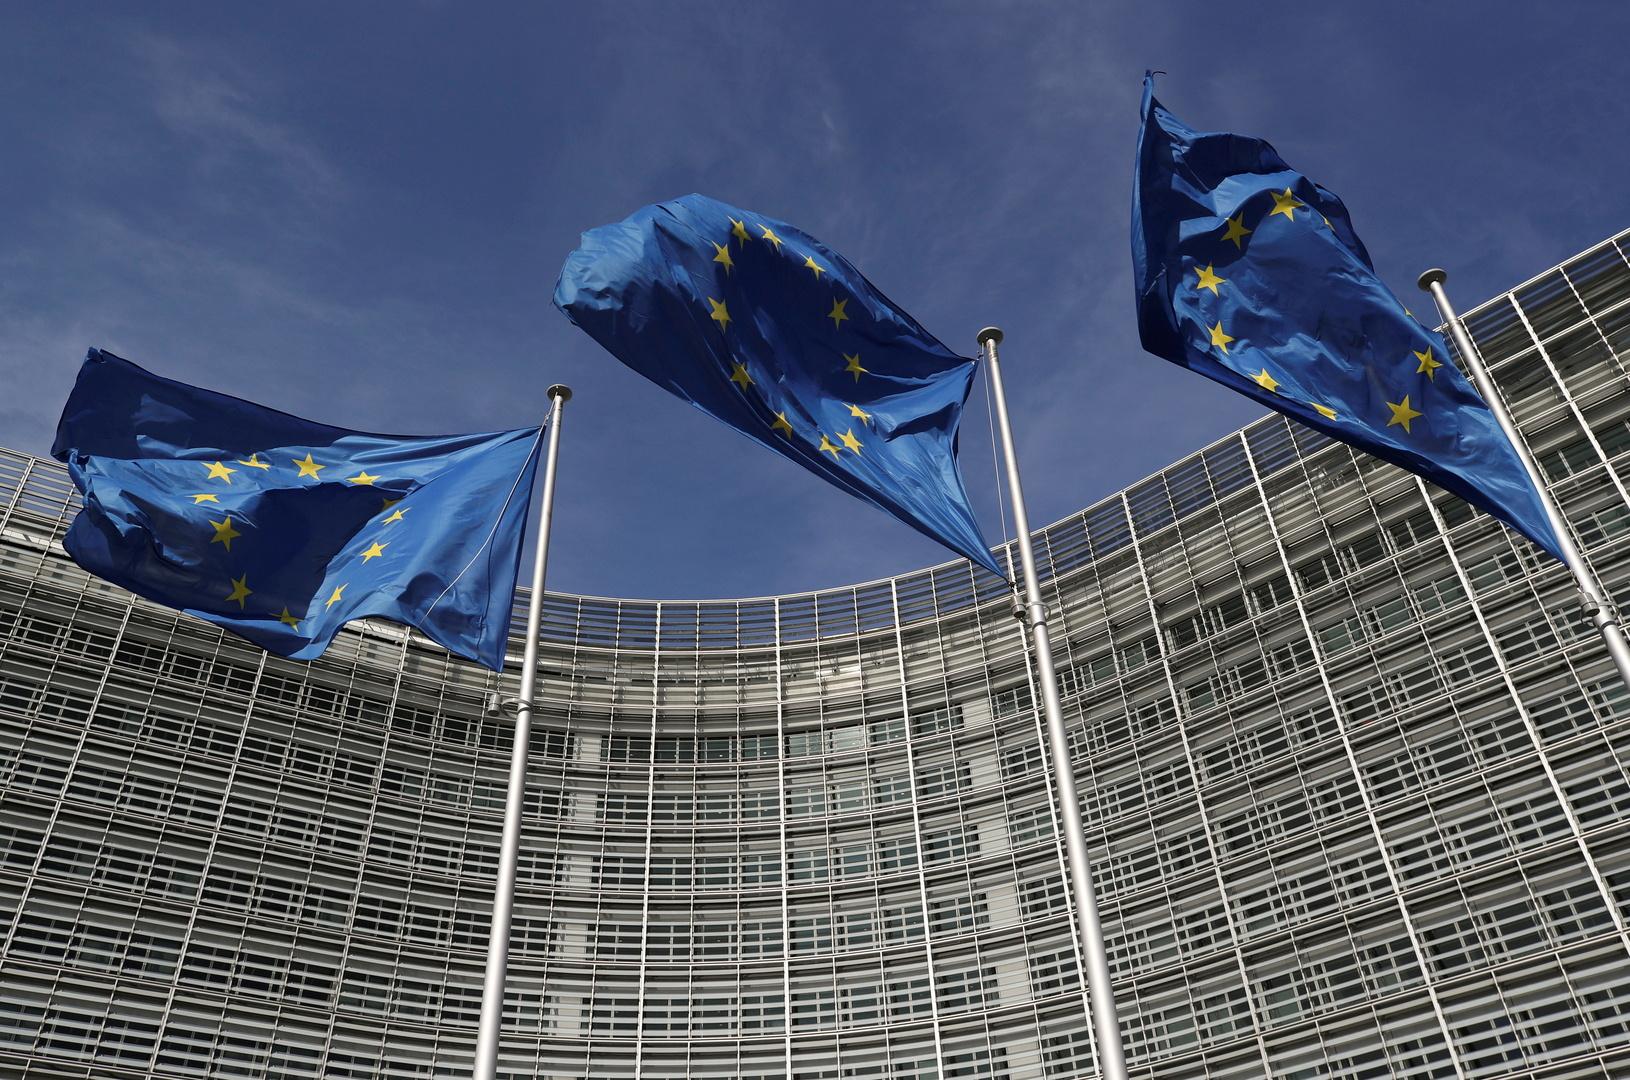 المفوضية الأوروبية تقترح تخفيف قيود السفر وفتح حدود دول الاتحاد